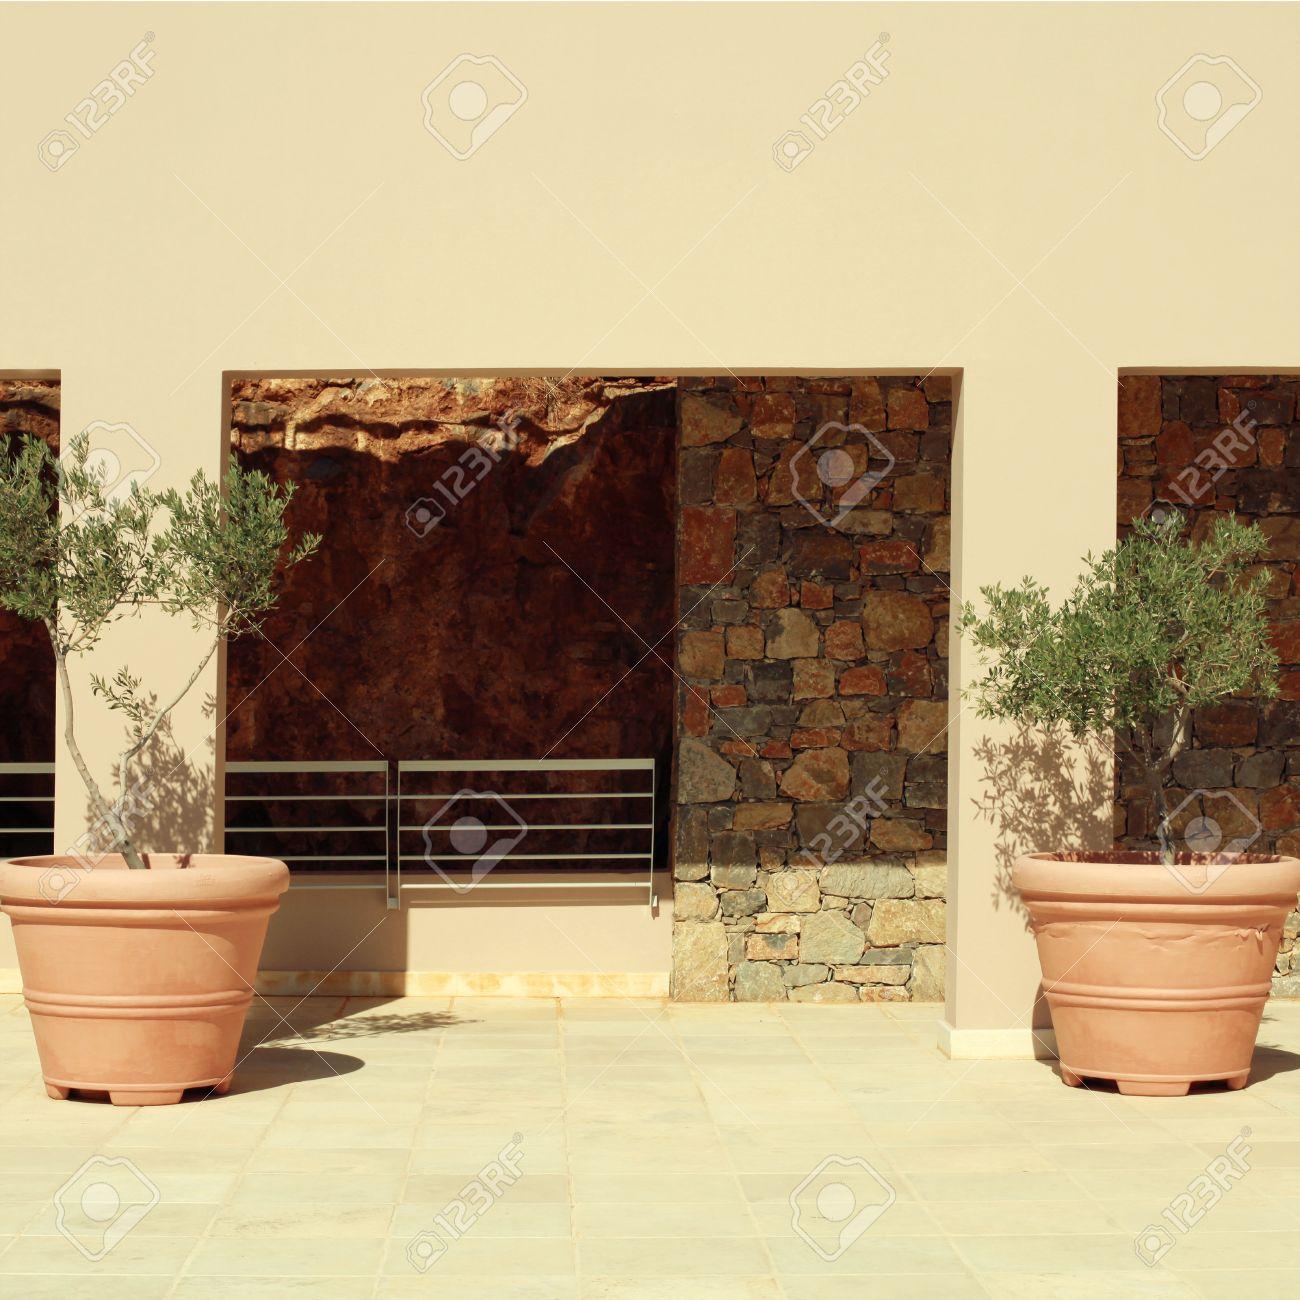 Standard Bild   Zwei Terrakotta Töpfe Mit Olivenbäumen Auf Der Terrasse Aus  Stein Mittelmeer Haus, Griechenland. Platz Getönten Bild